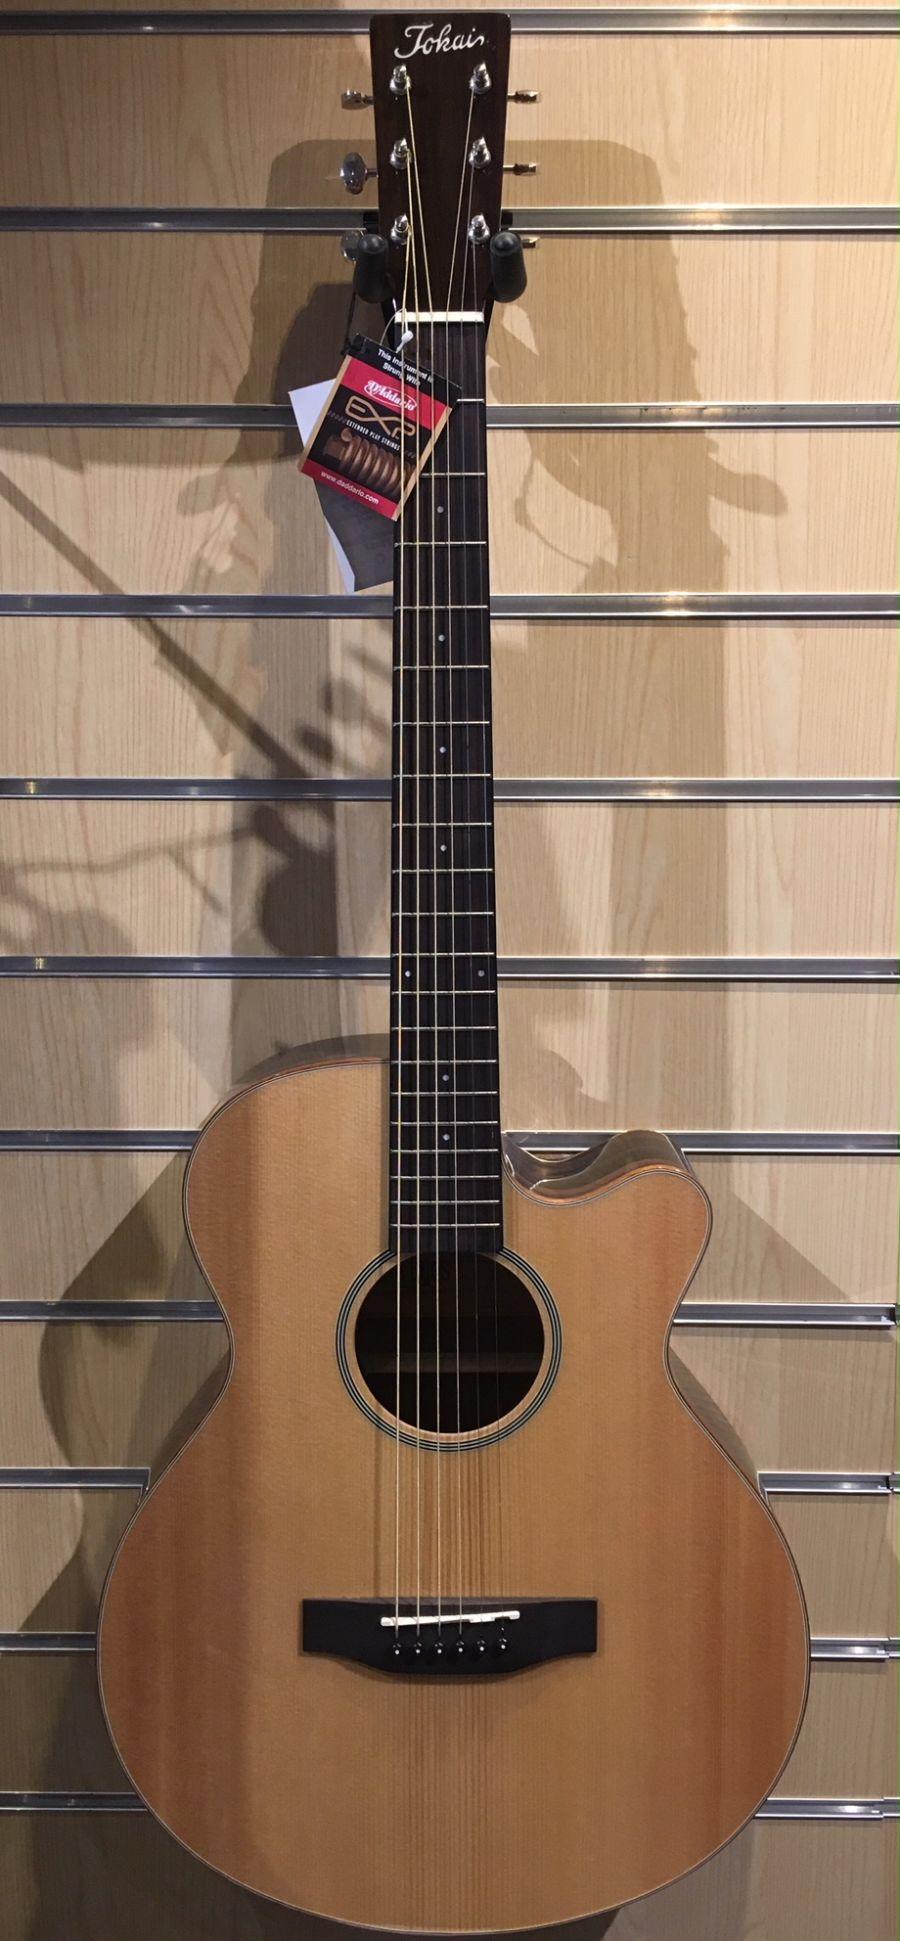 Tokai Cats Eyes CE200E Electro-Acoustic Guitar